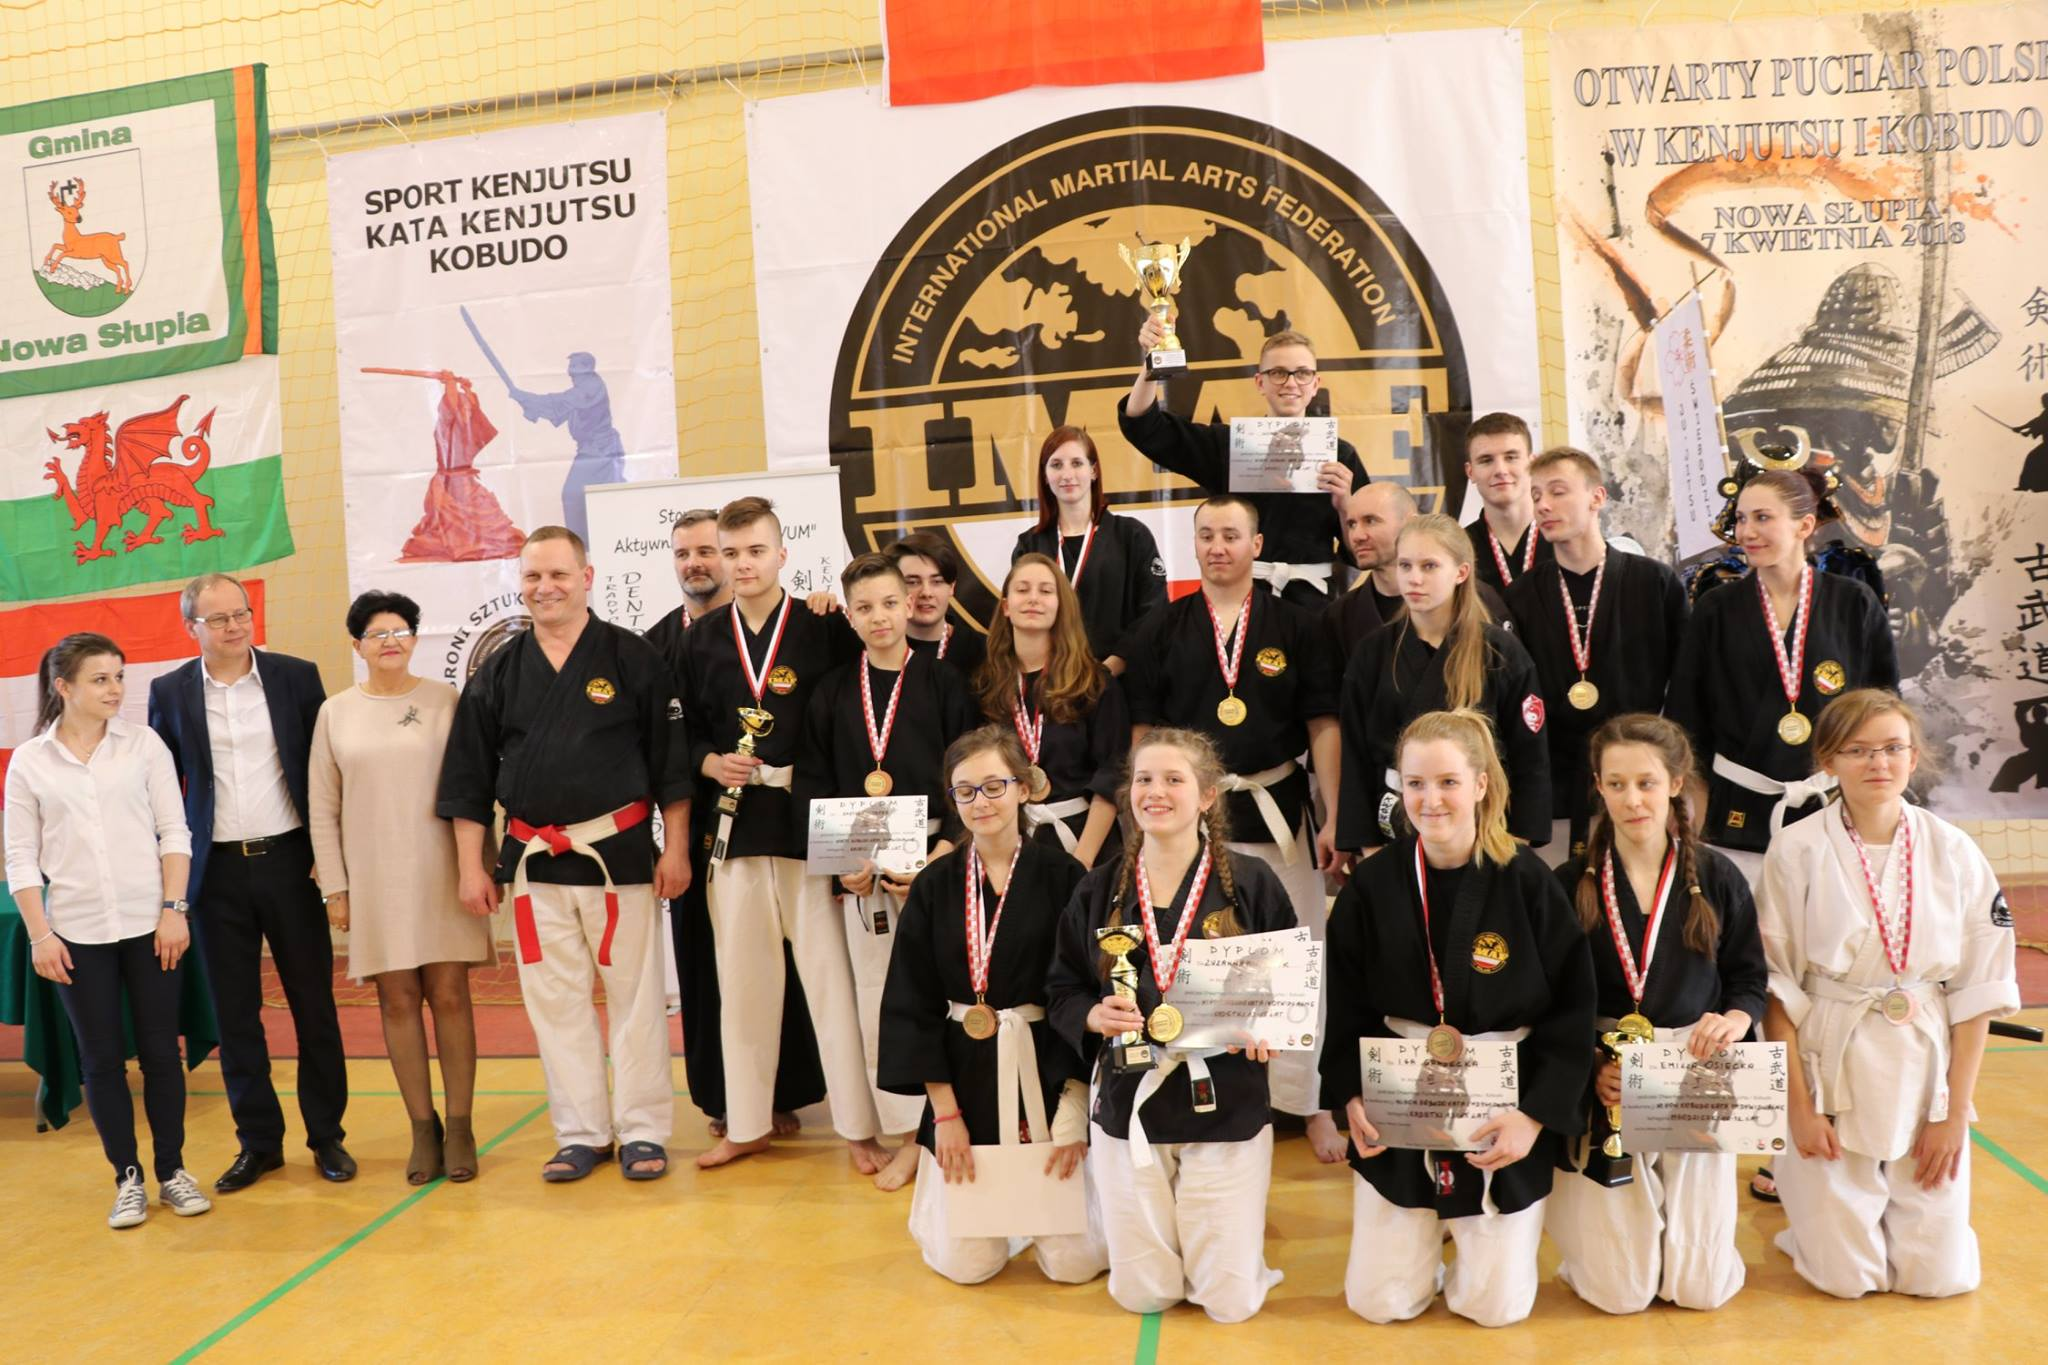 Reprezentacja Stowarzyszenia Japońskich Sztuk Walki w Oświęcimiu zdobyła w Nowej Słupi aż osiemnaście medali. Fot. nadesłane